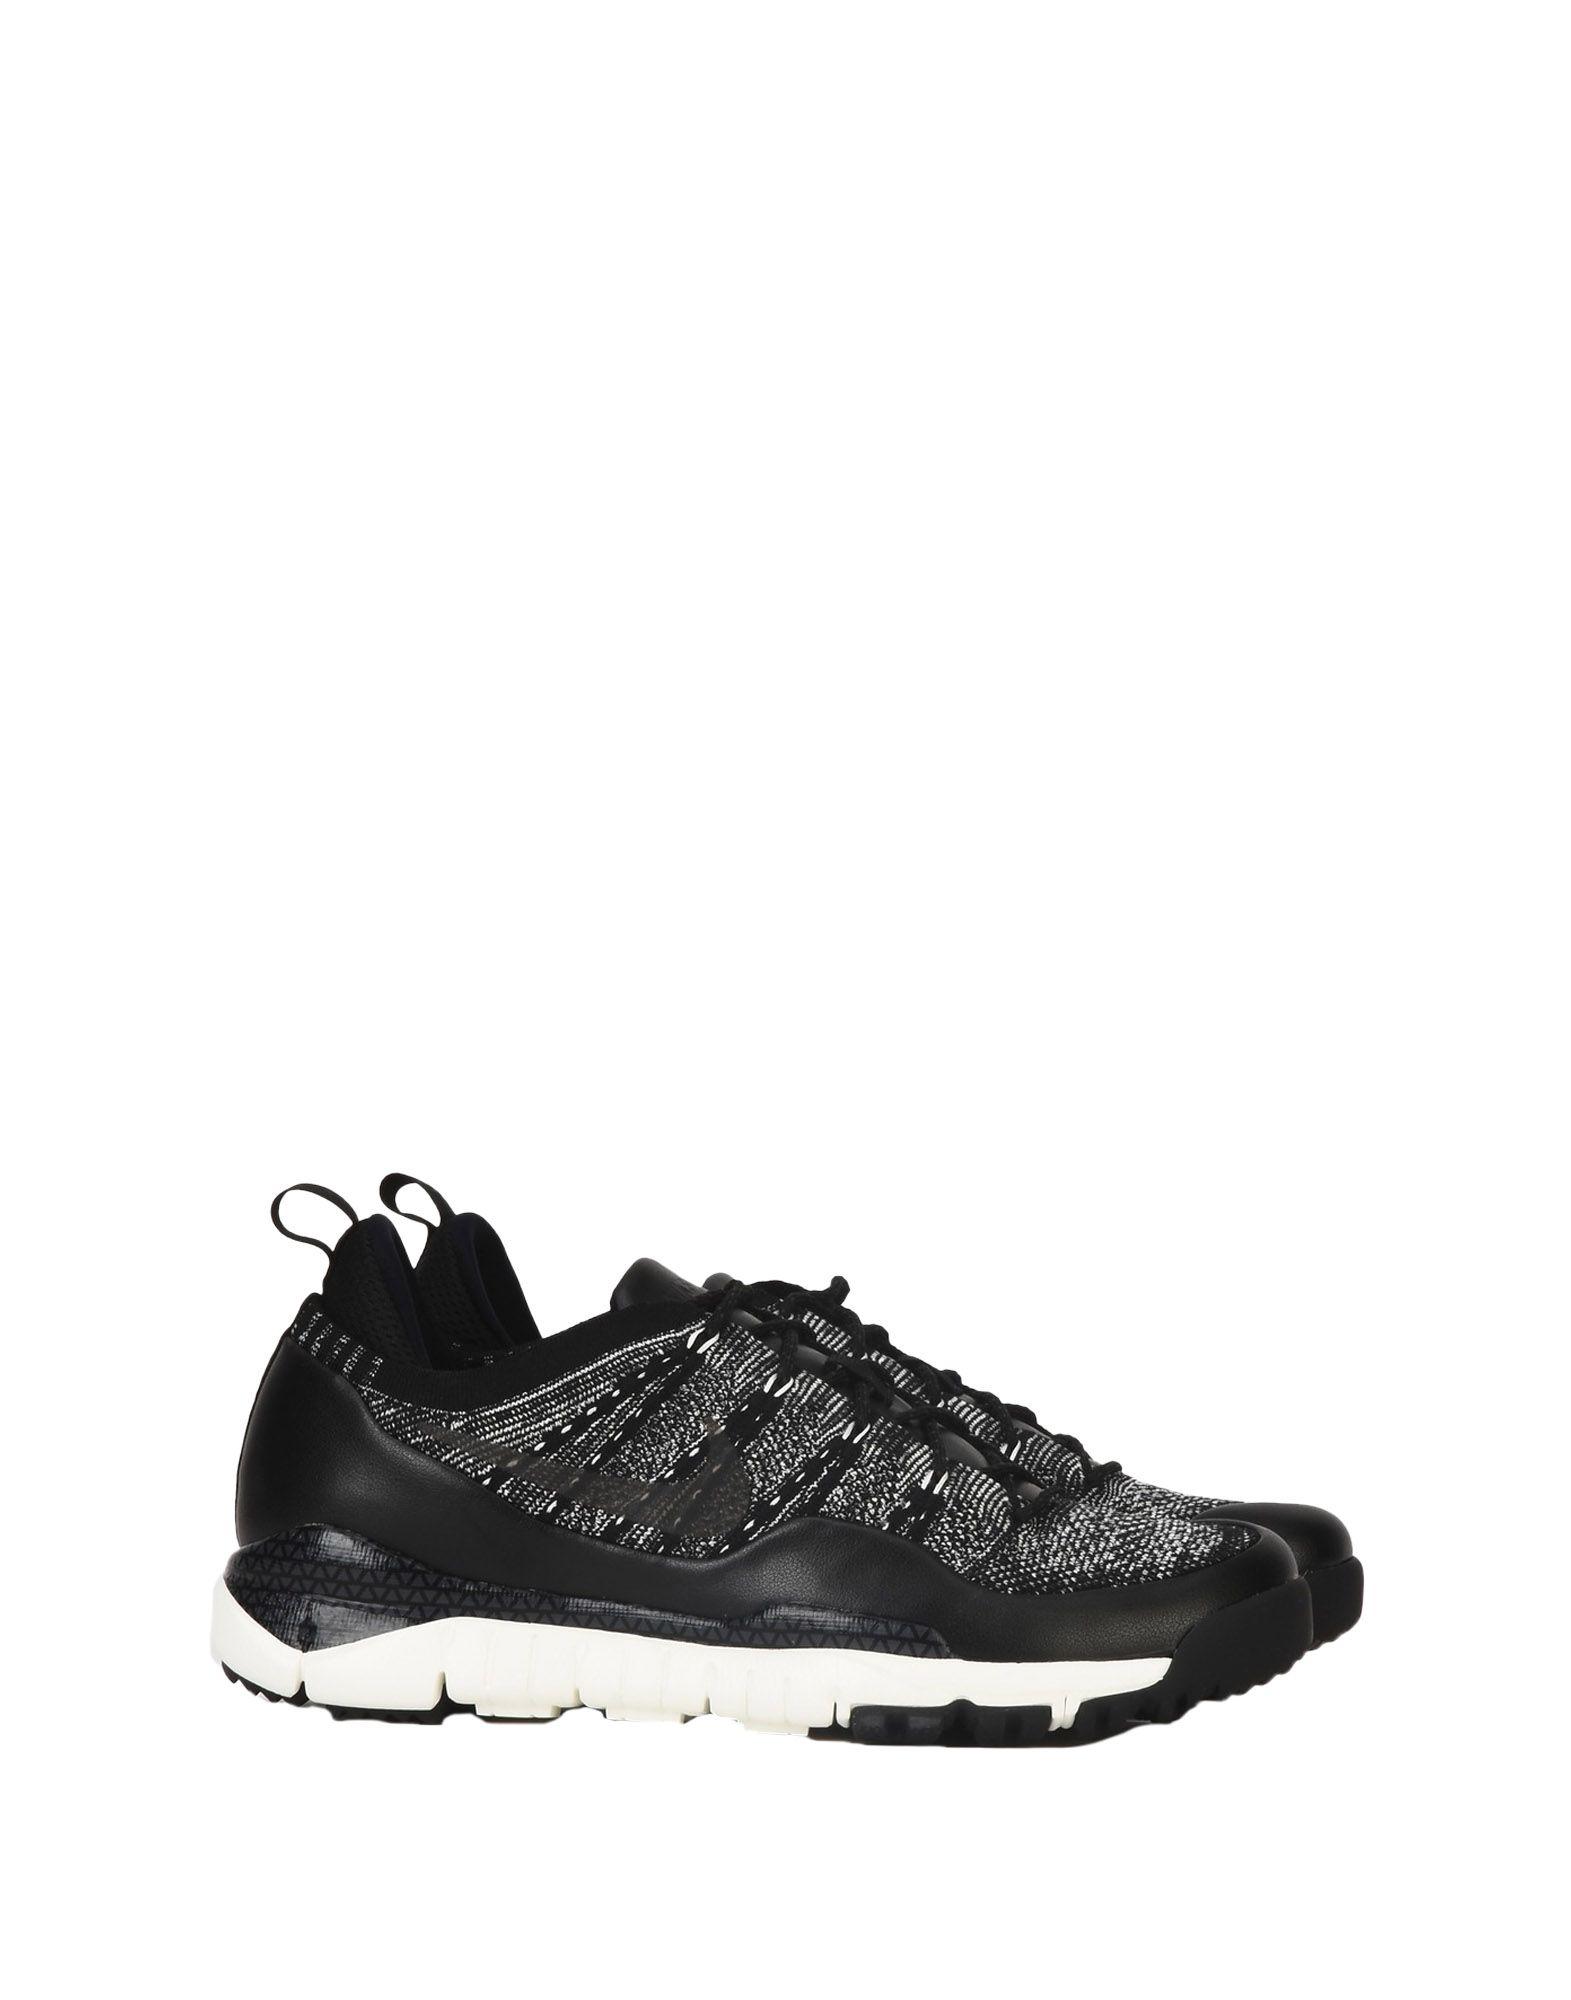 Sneakers Nike  Lupinek Flyknit Low - Homme - Sneakers Nike sur